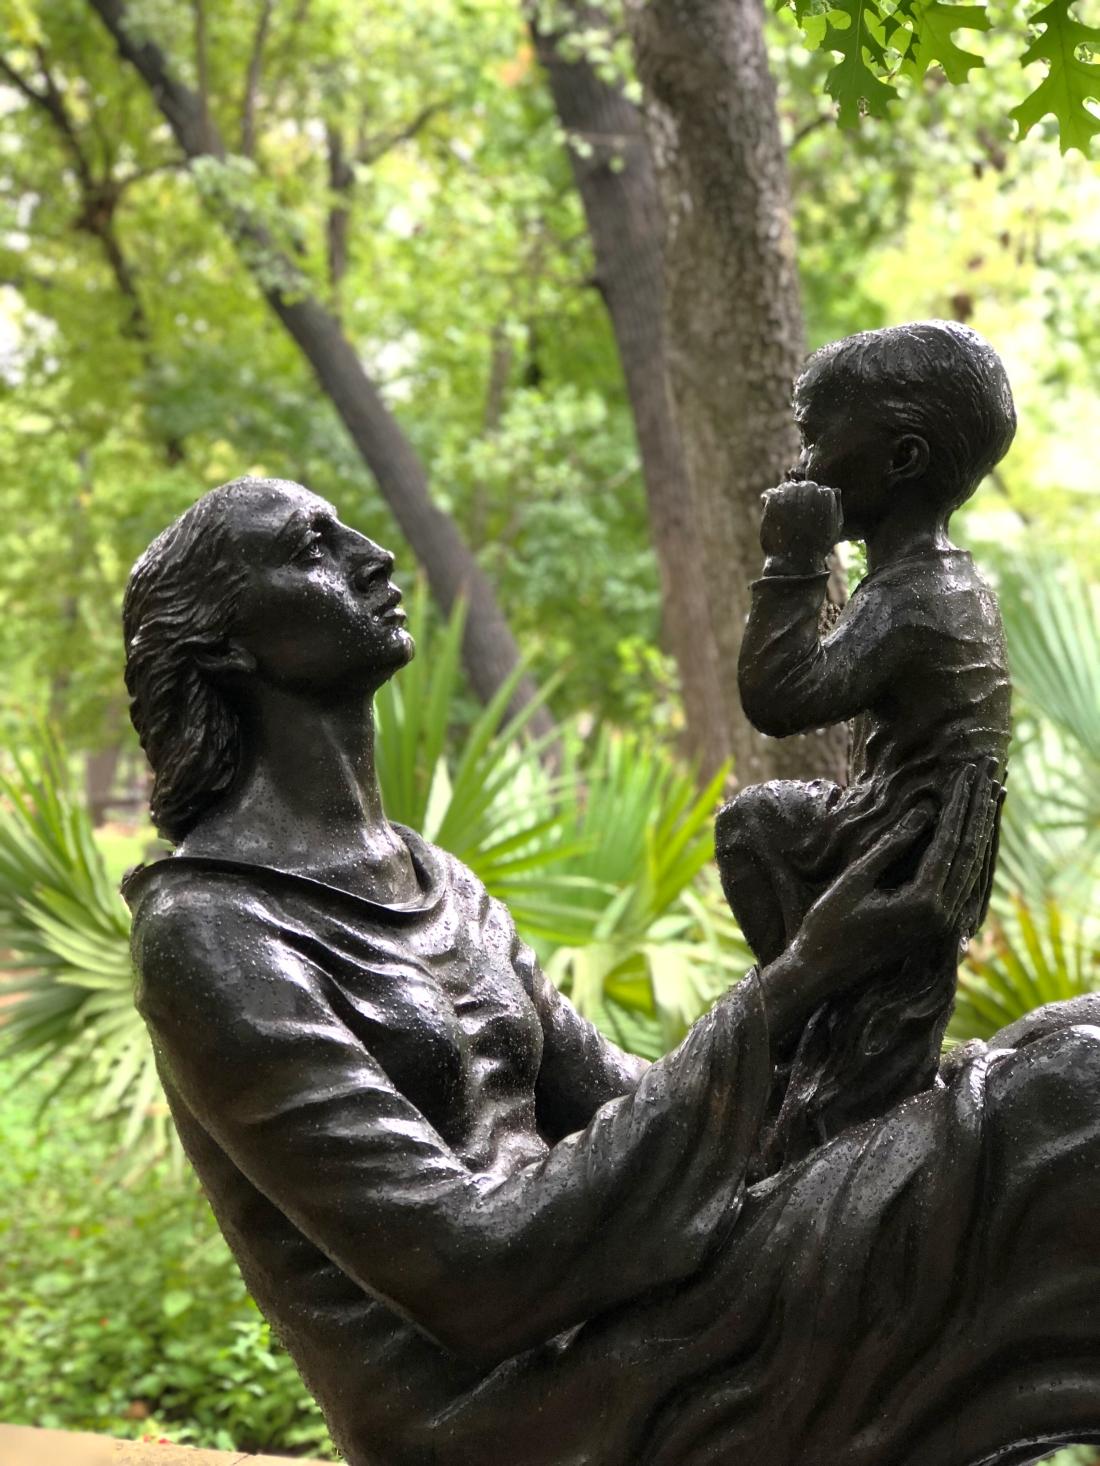 Umlauf sculpture museum in Austin, Texas